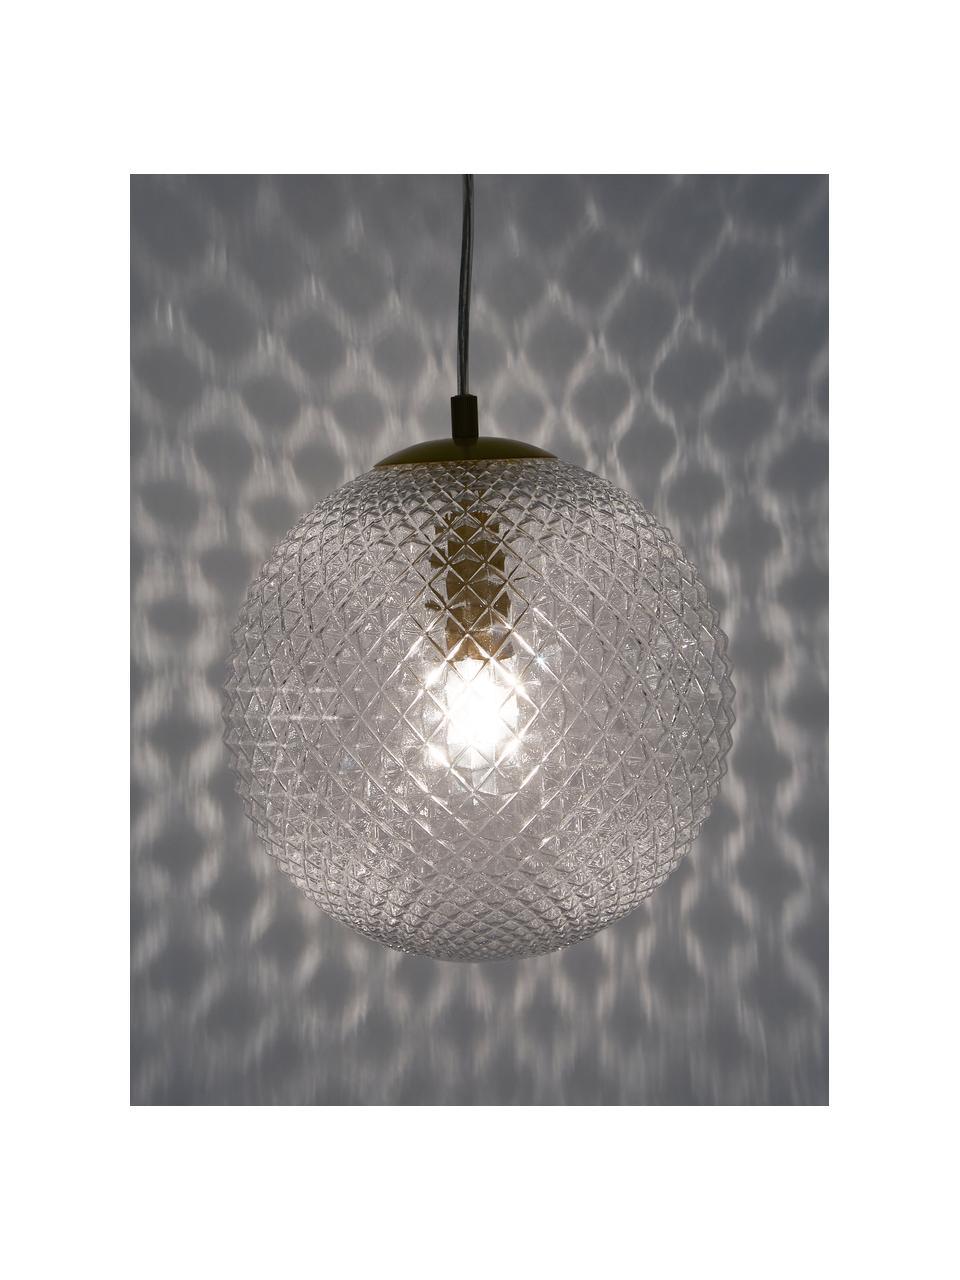 Lampada a sospensione in vetro Lorna, Paralume: vetro, Baldacchino: metallo zincato, Trasparente, Ø 25 cm